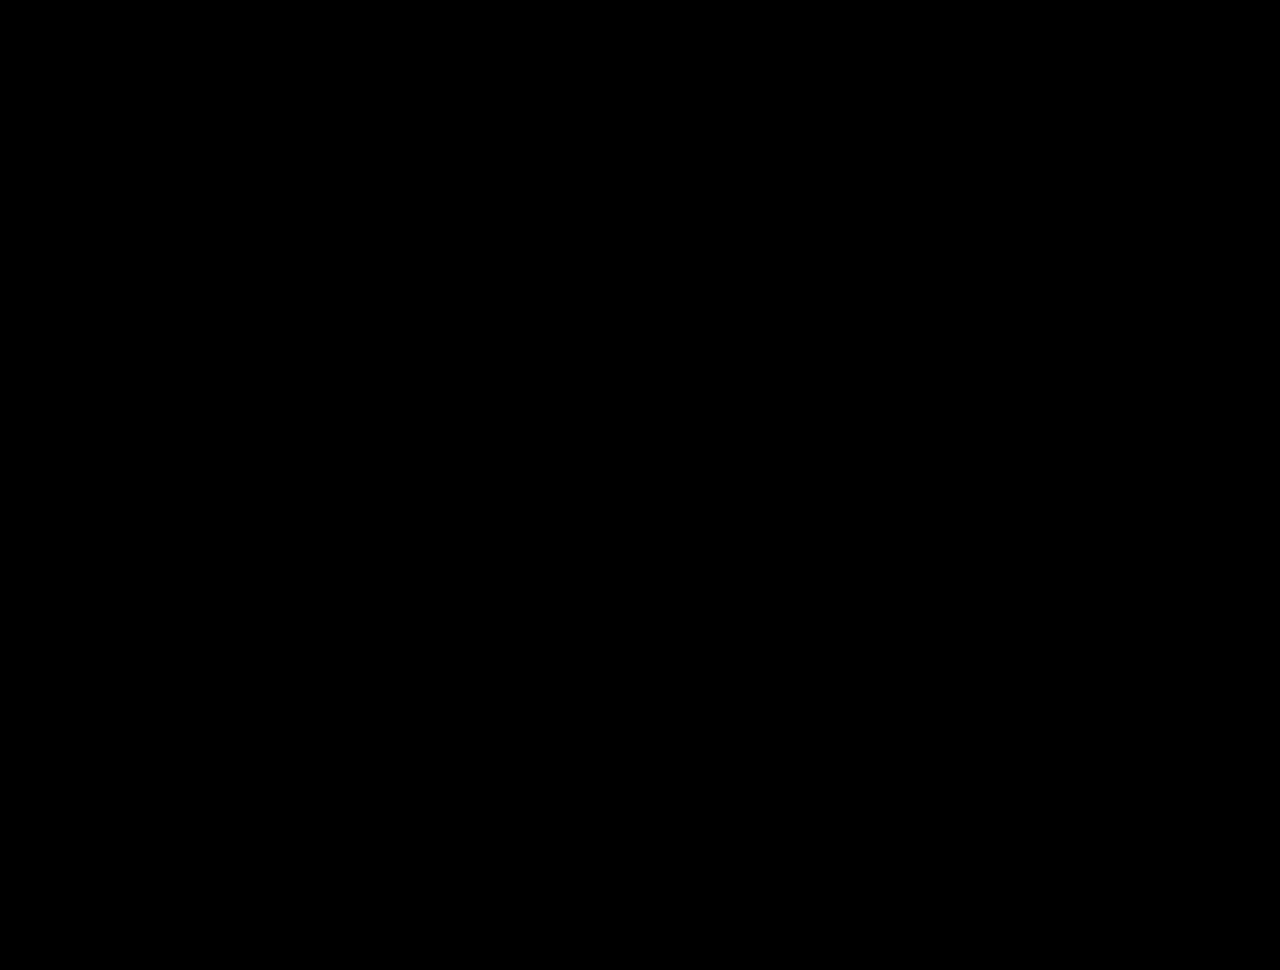 サッカーで見られる様々なフォームのイラスト